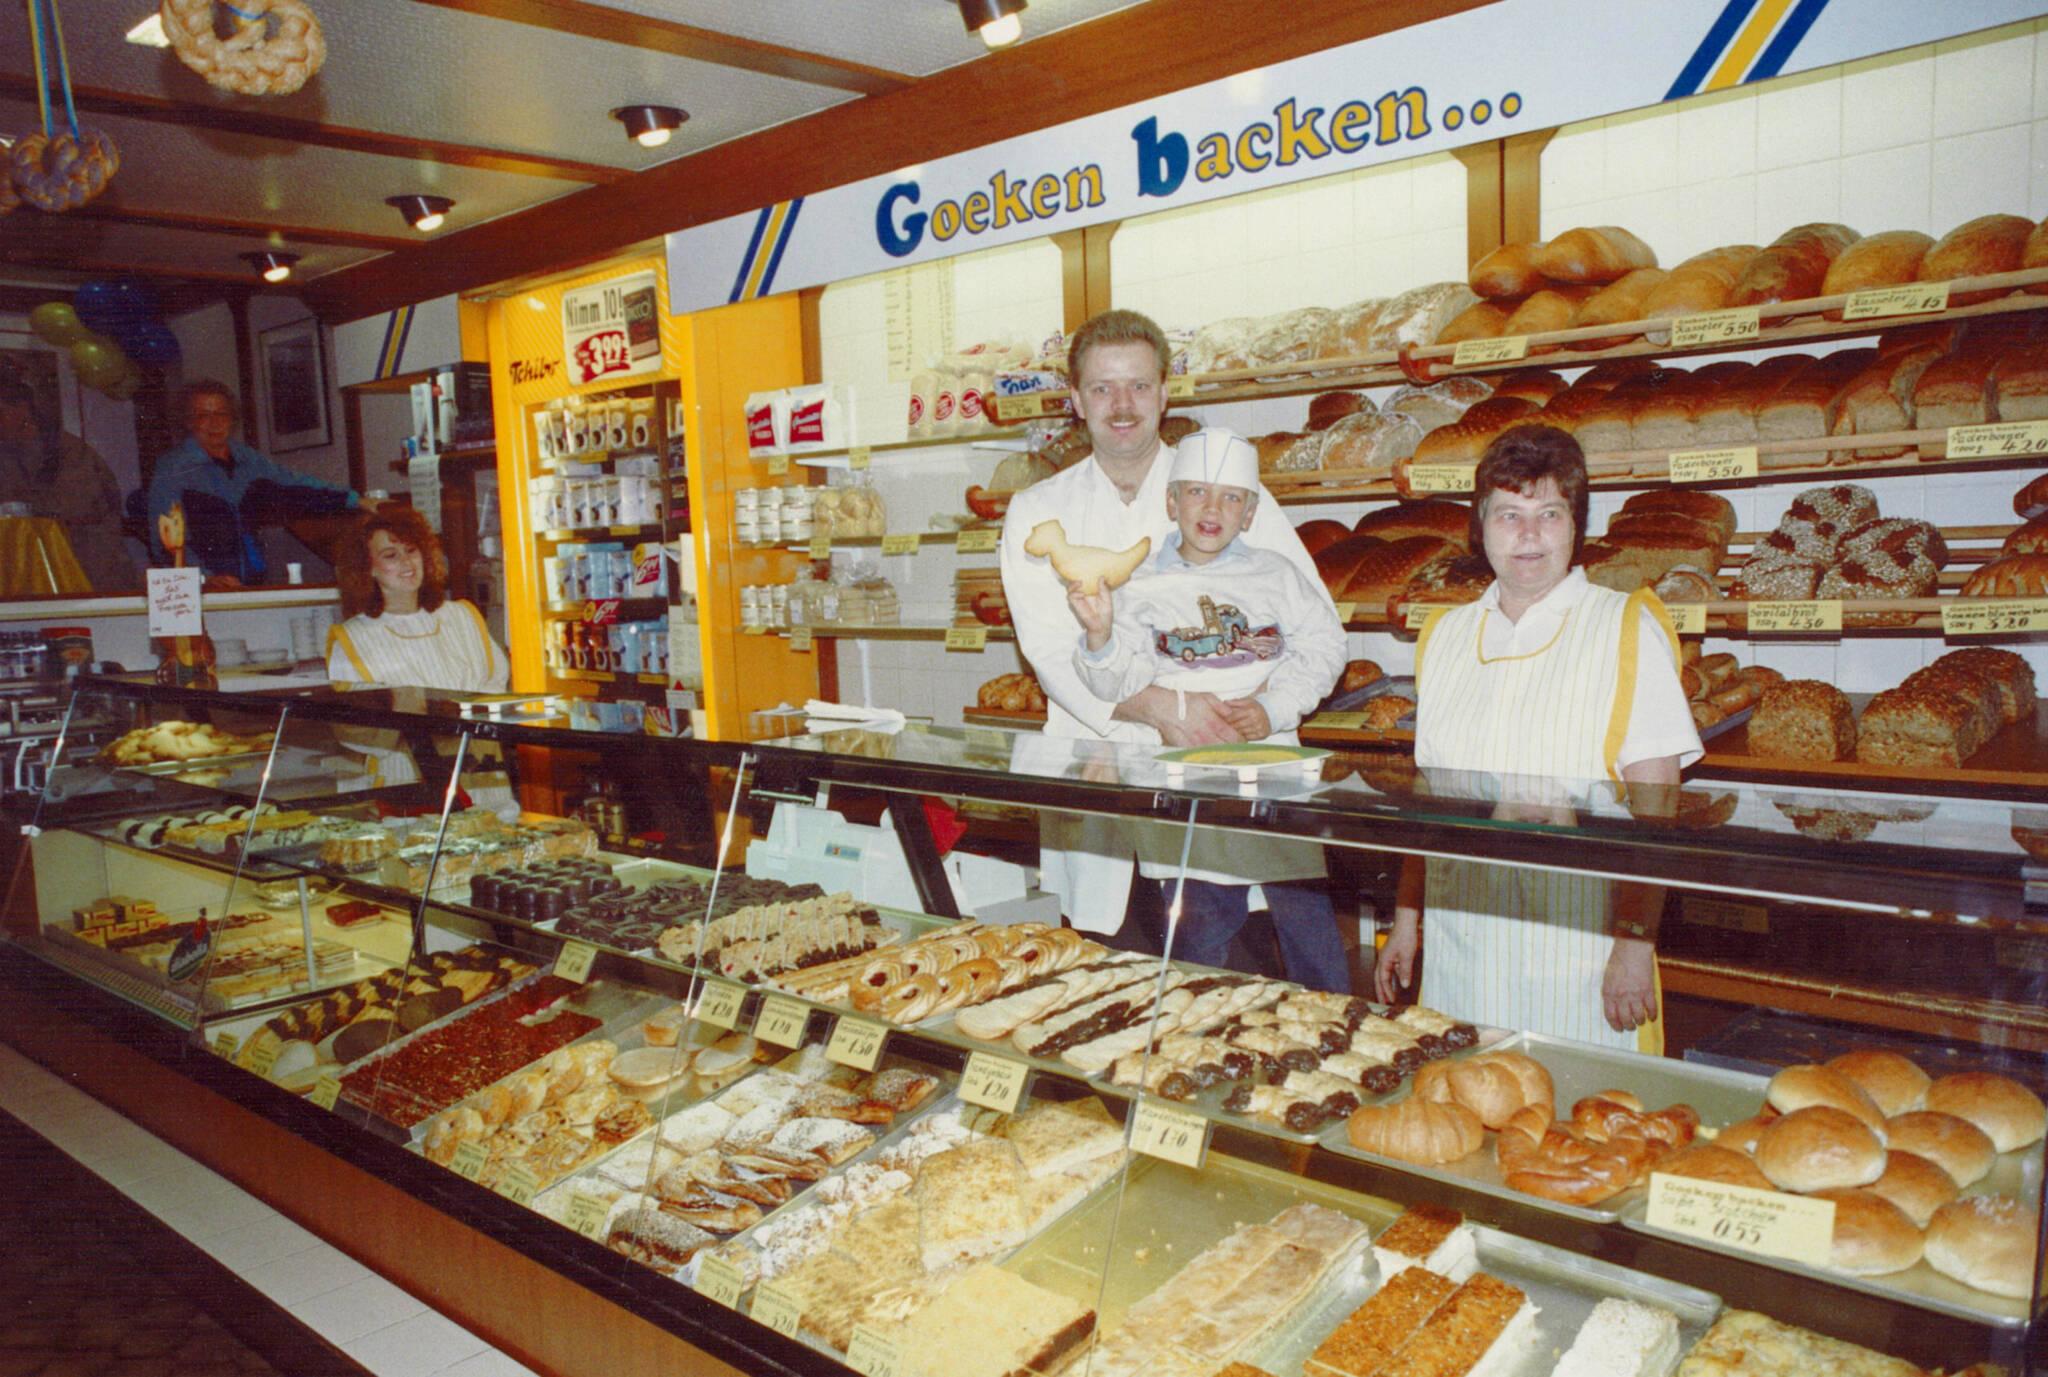 Goeken backen - Historische Bilder